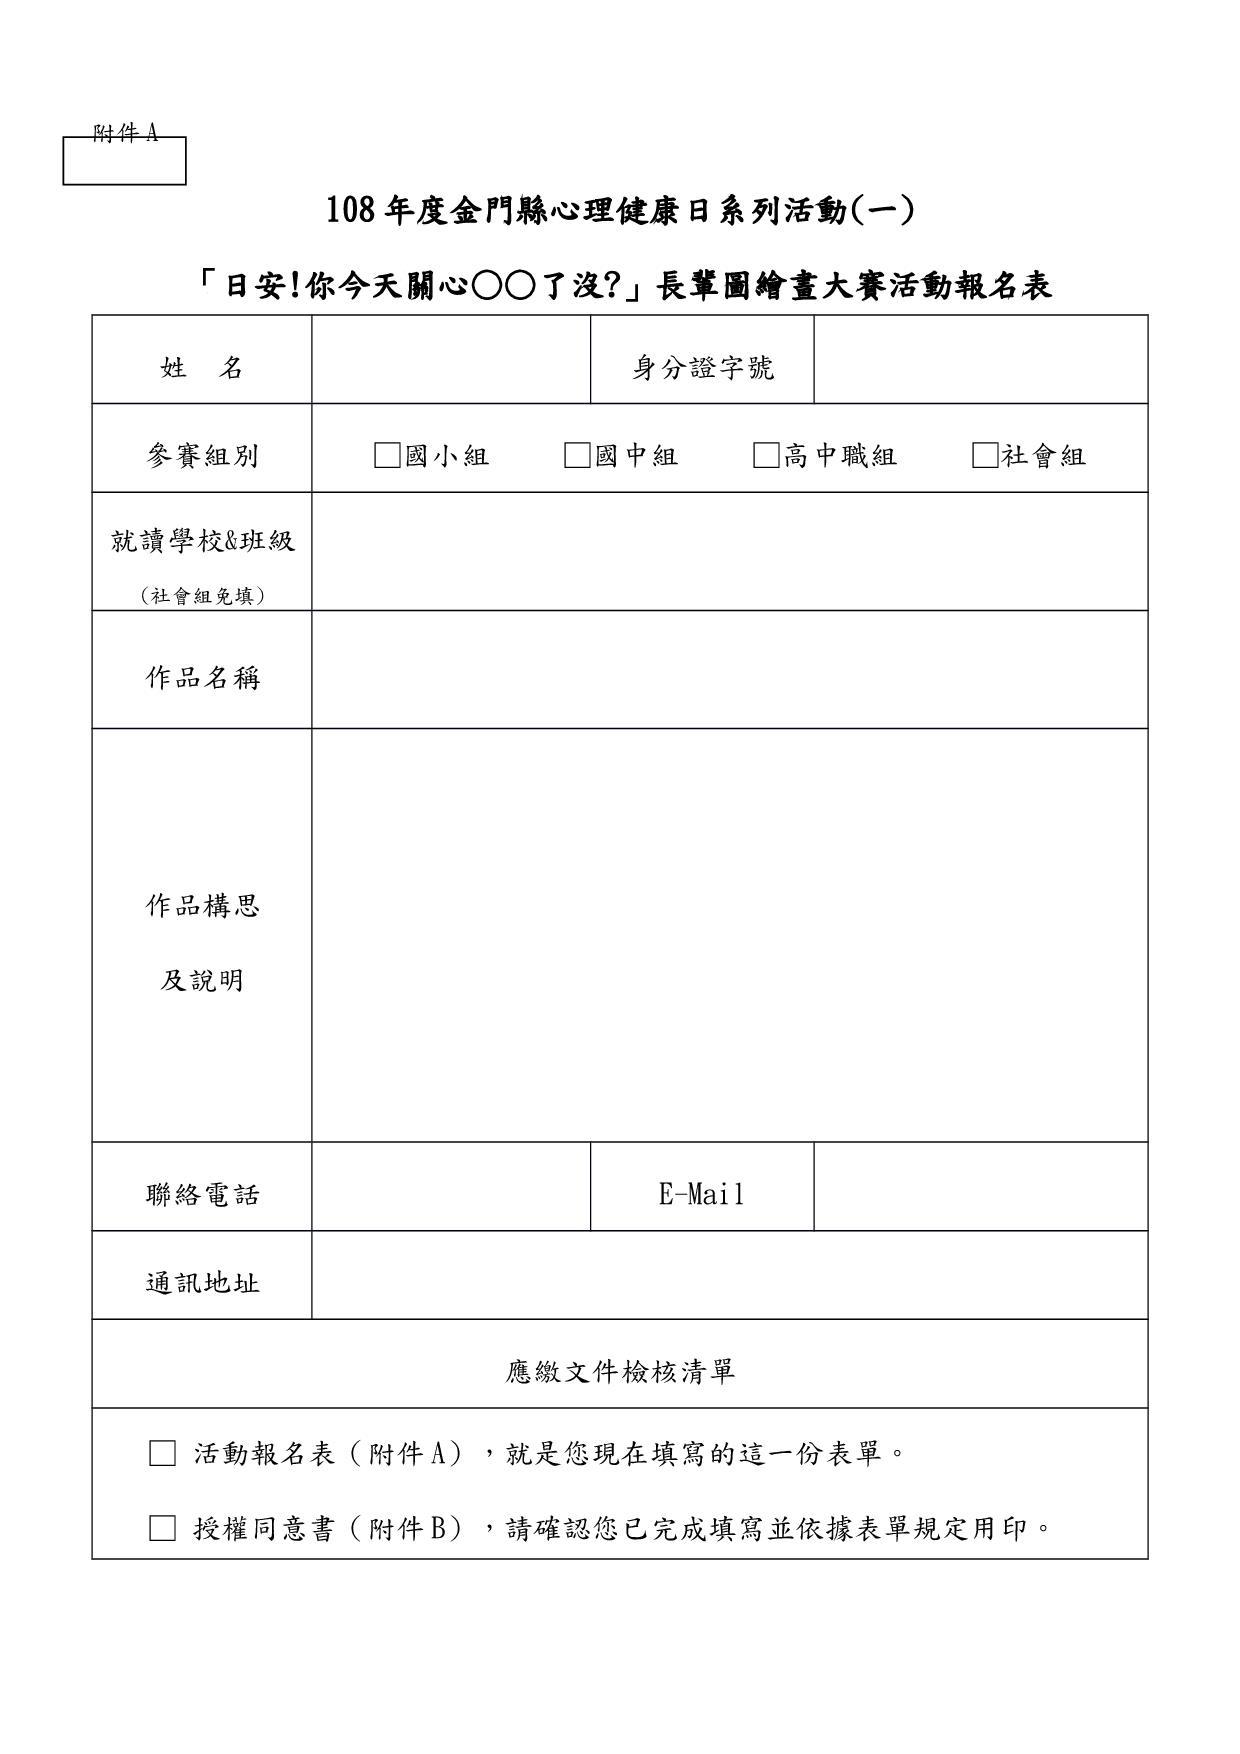 附件2-活動報名表